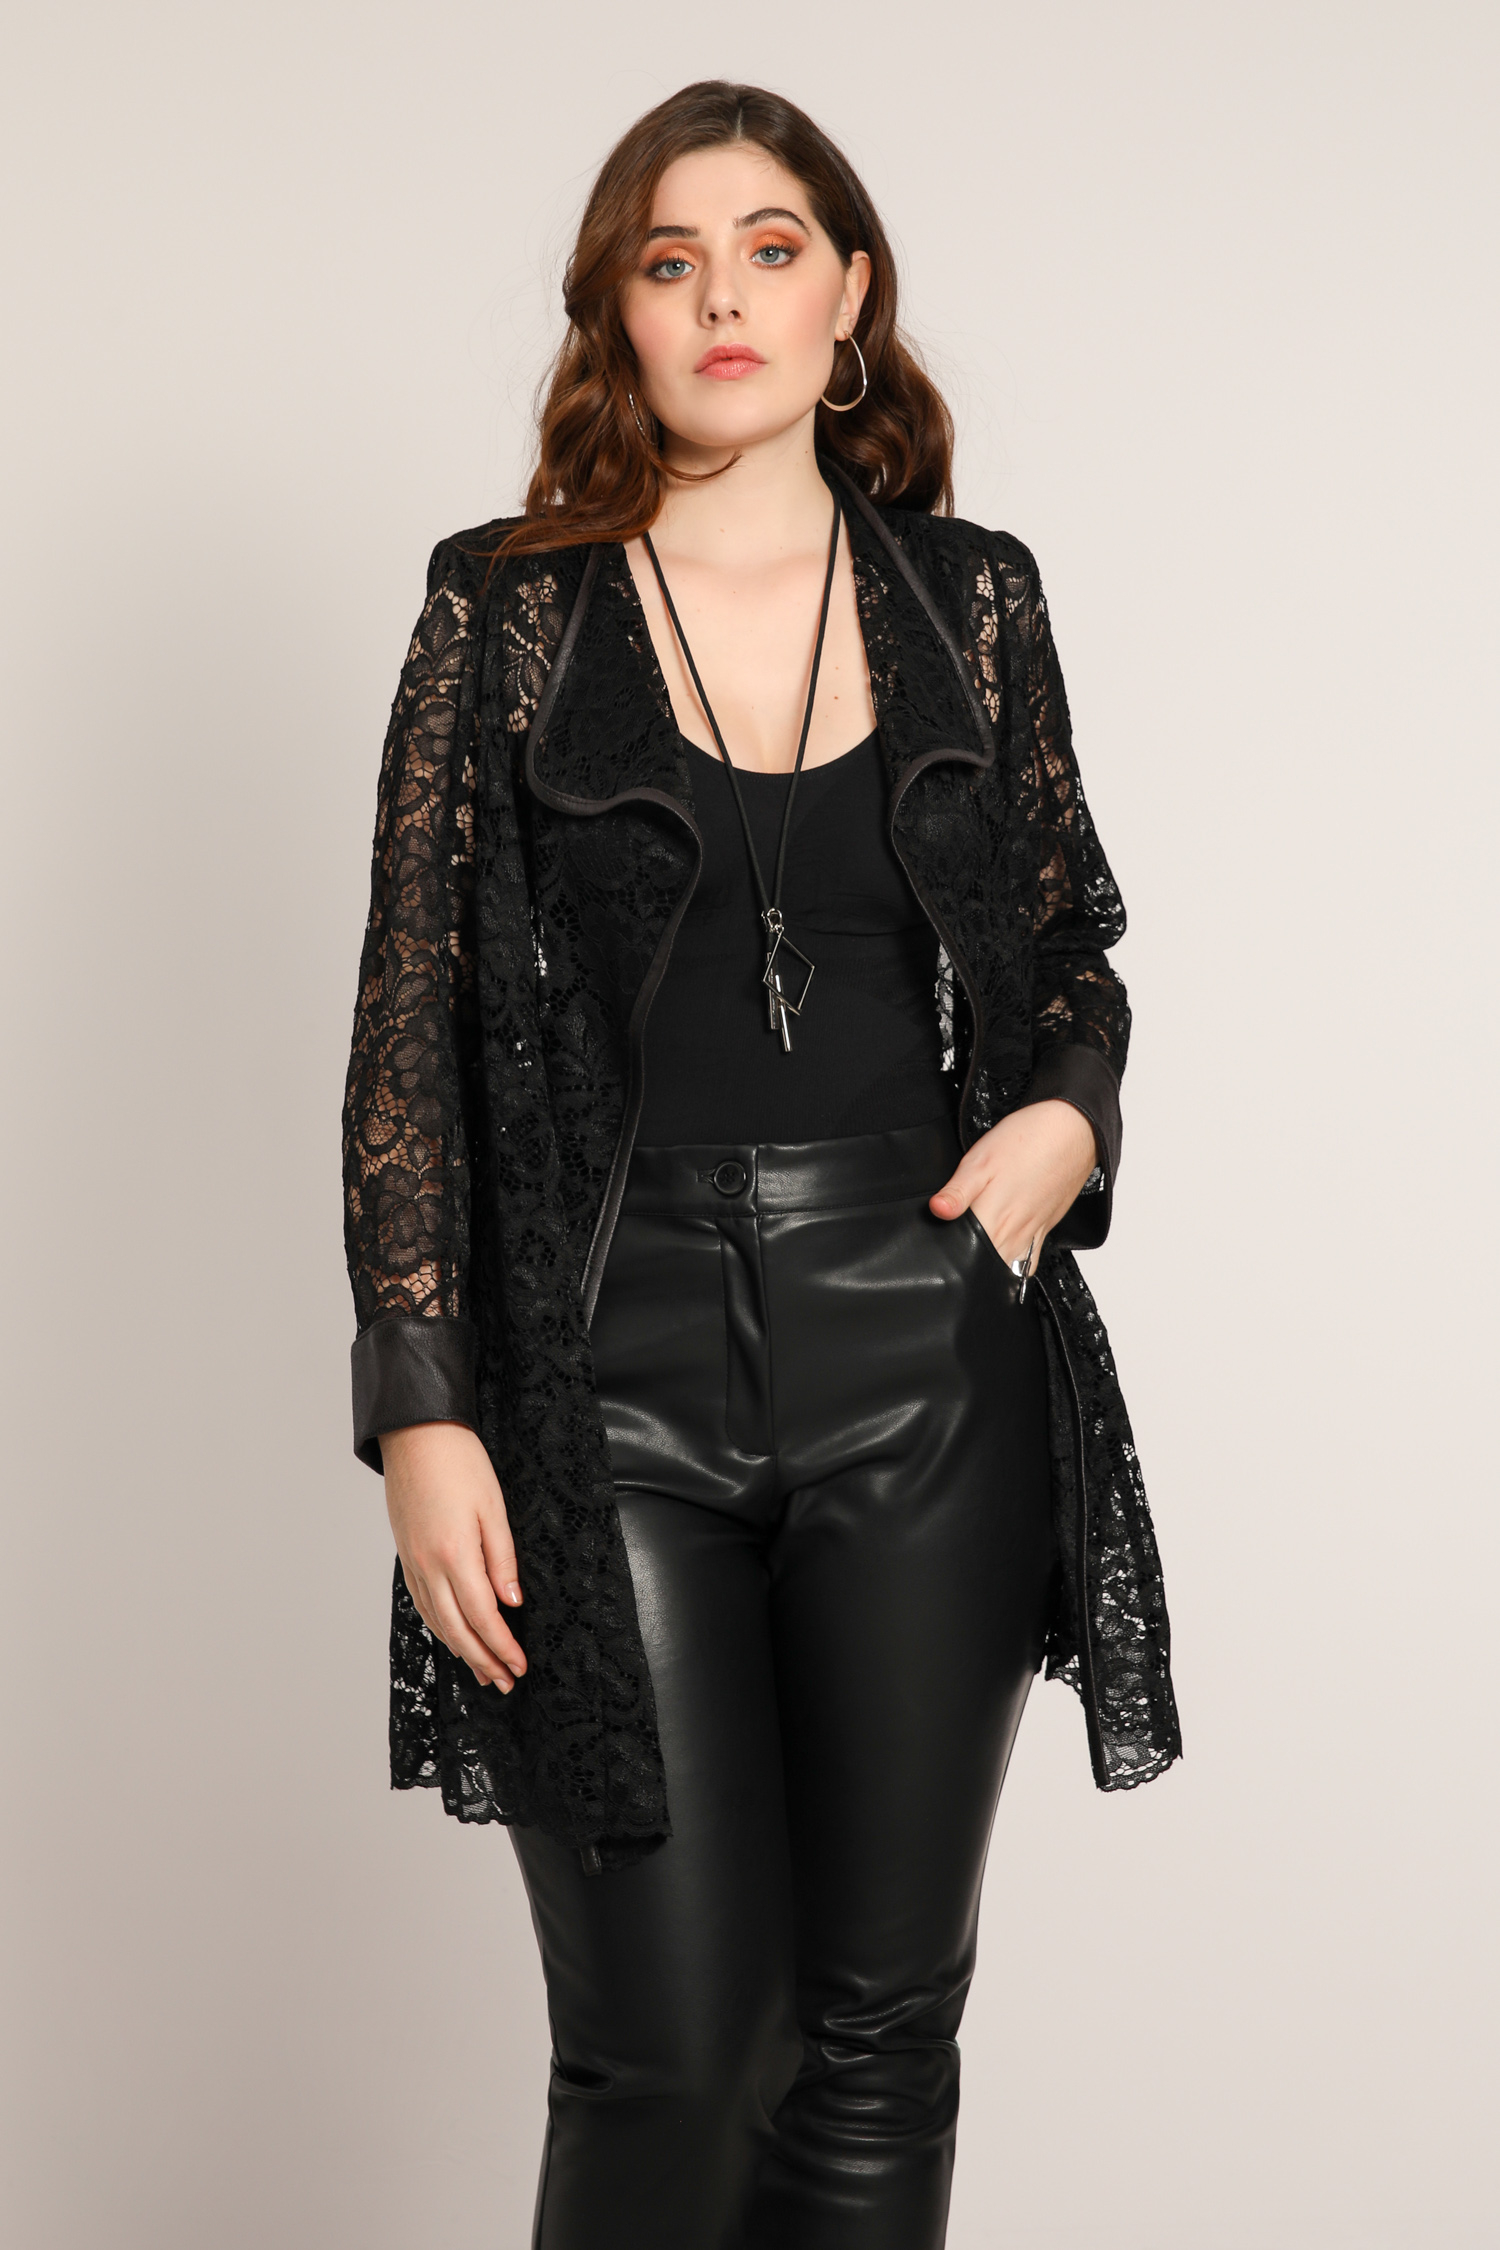 Lace jacket